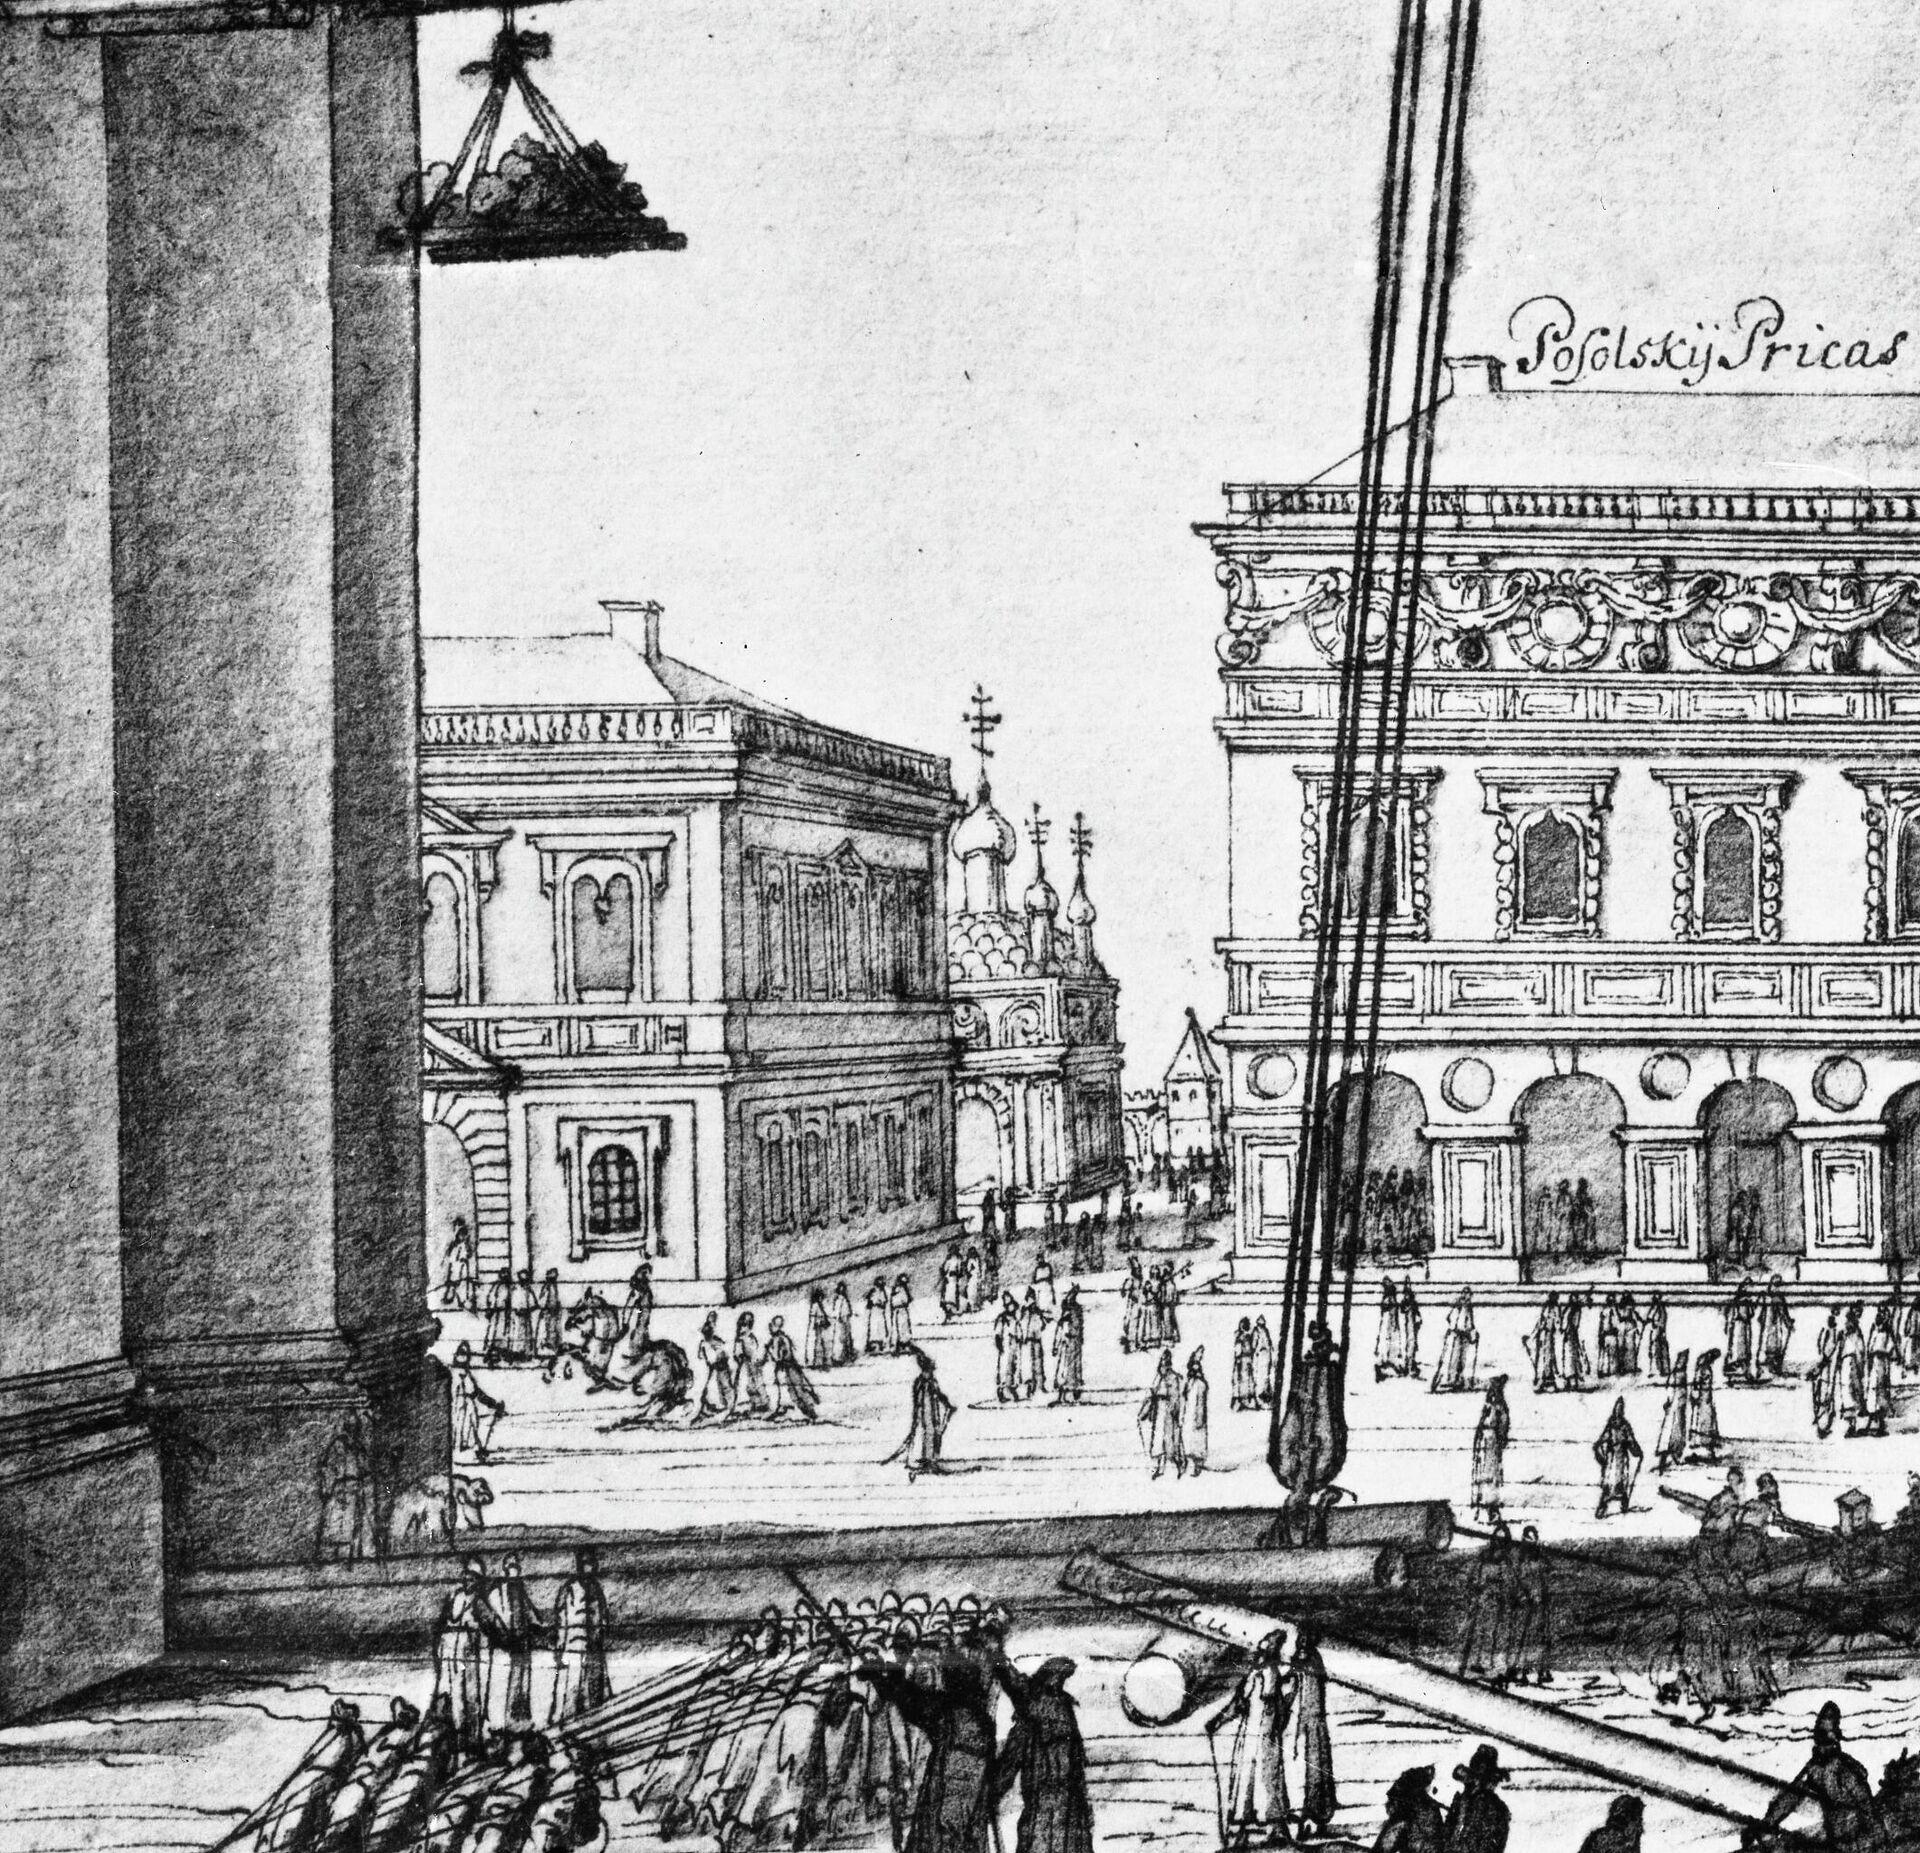 Посольский приказ в Москве, в Кремле. 1674 год - РИА Новости, 1920, 13.11.2020